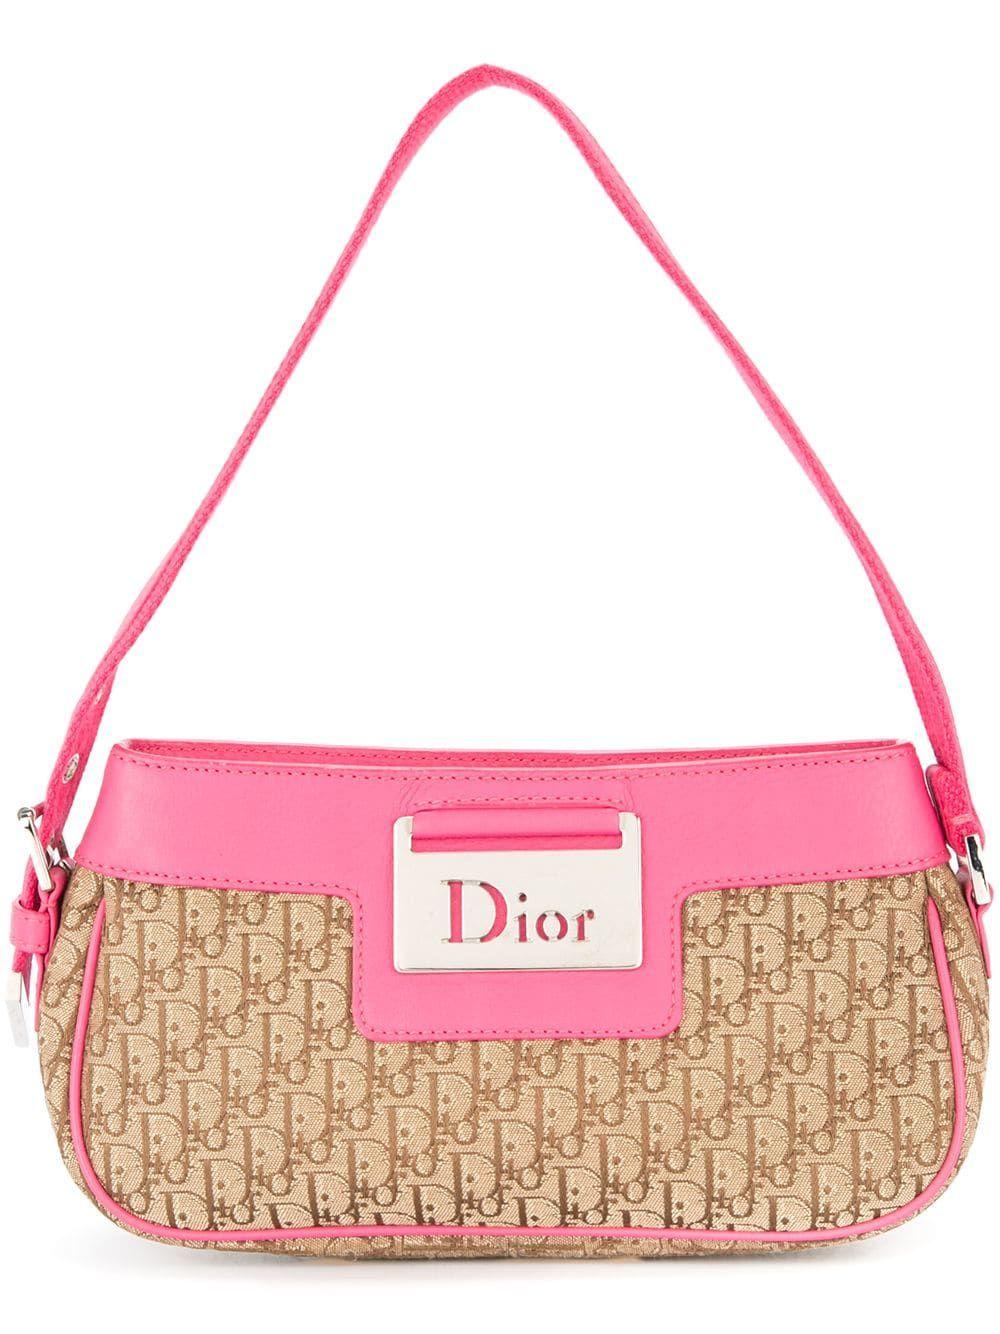 Christian Dior Vintage Trotter hand bag Pink